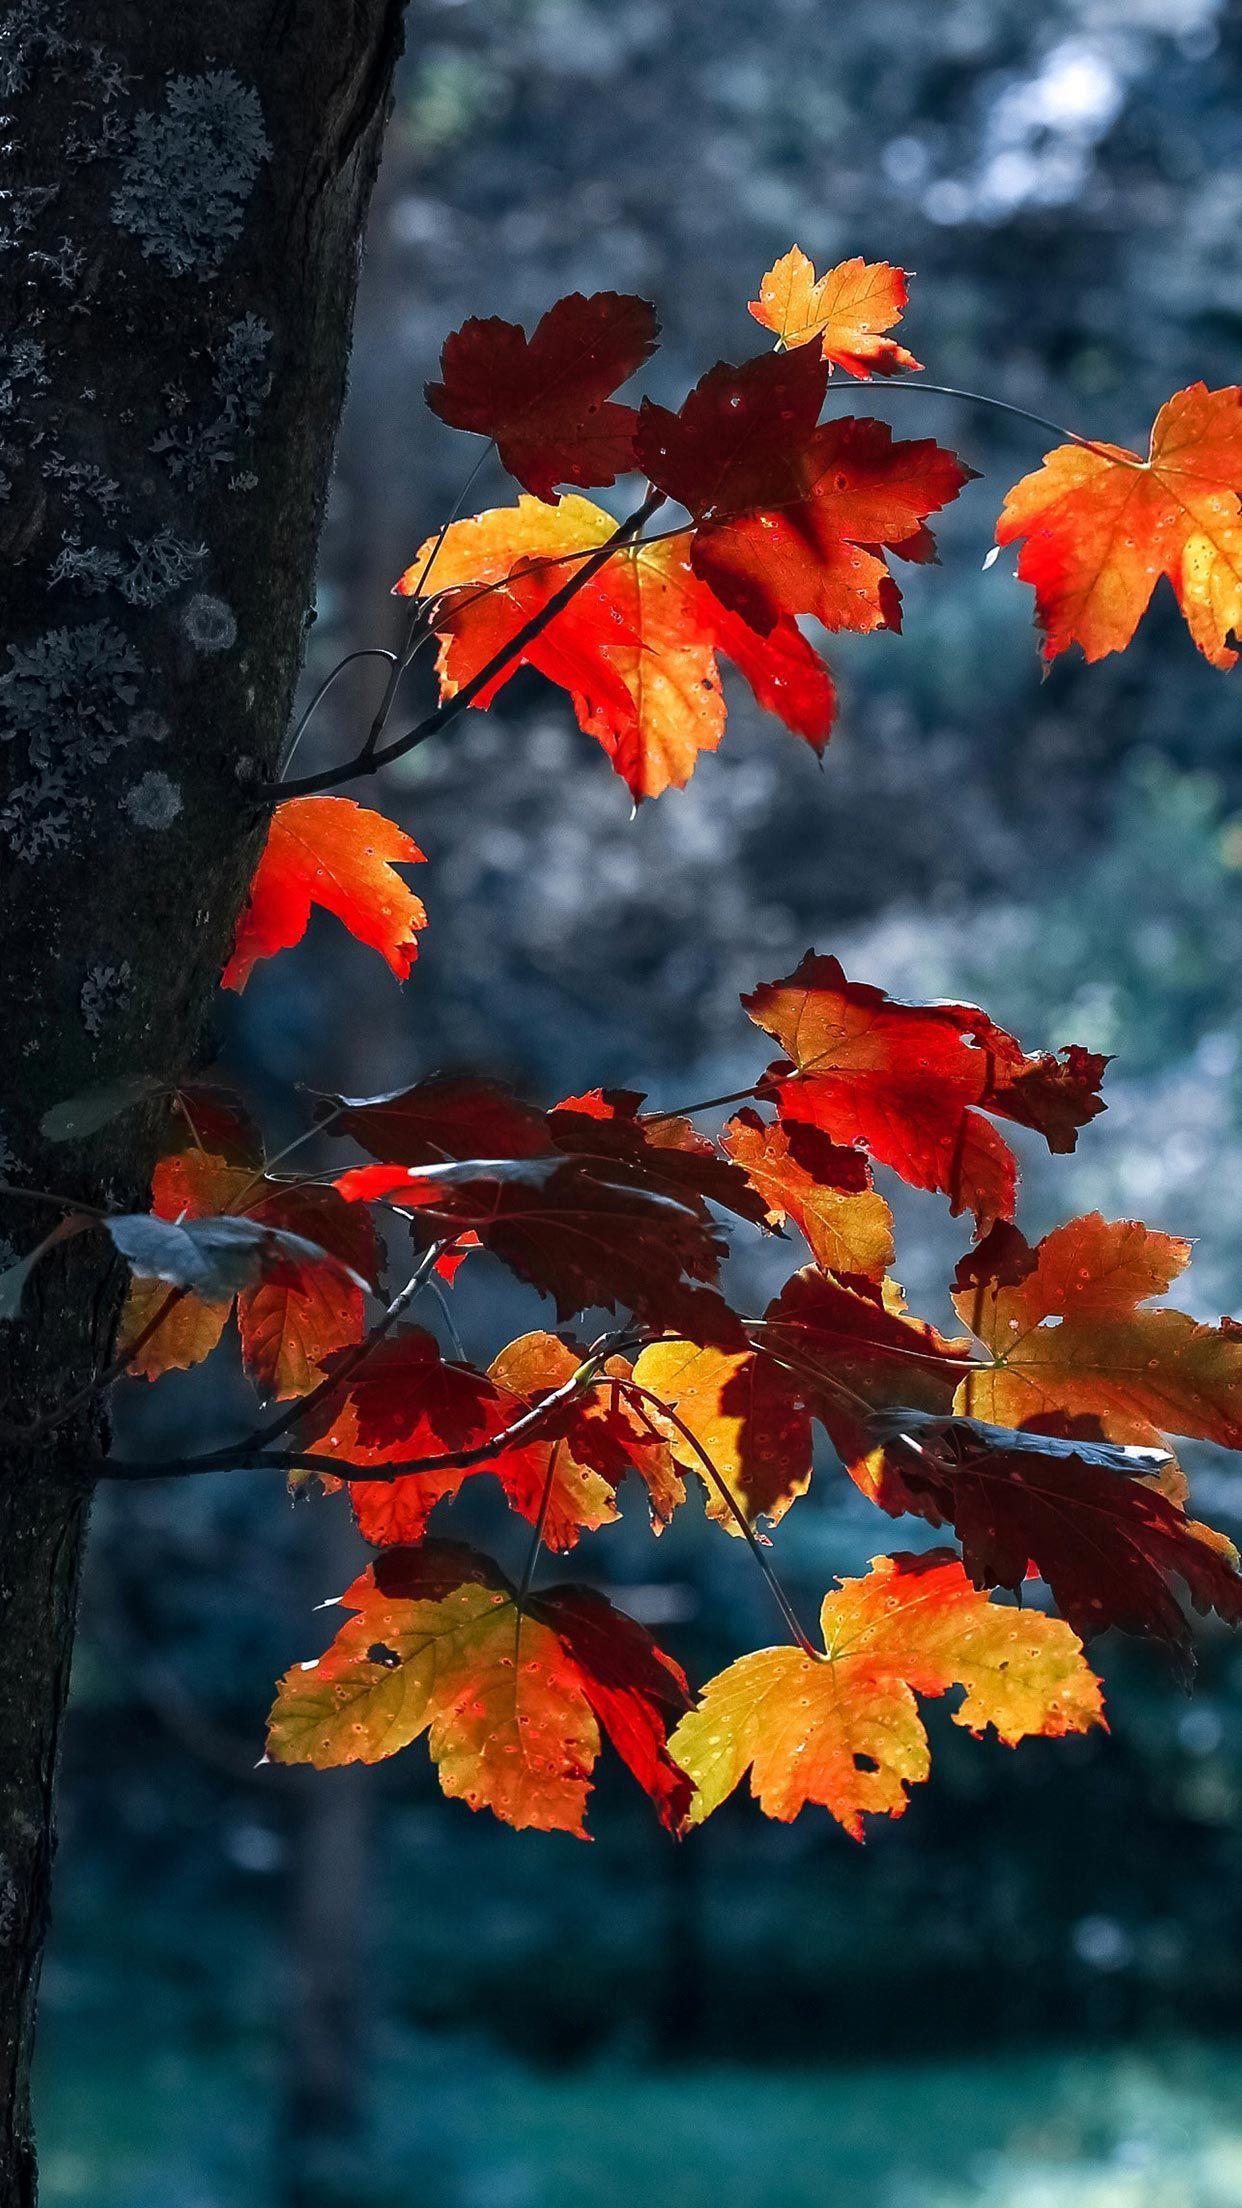 1242x2208 Hình nền iPhone XS mùa thu - Hình nền mùa thu đẹp nhất.  Hình nền phong cảnh, Hình nền iPhone mùa thu, Chụp ảnh thiên nhiên